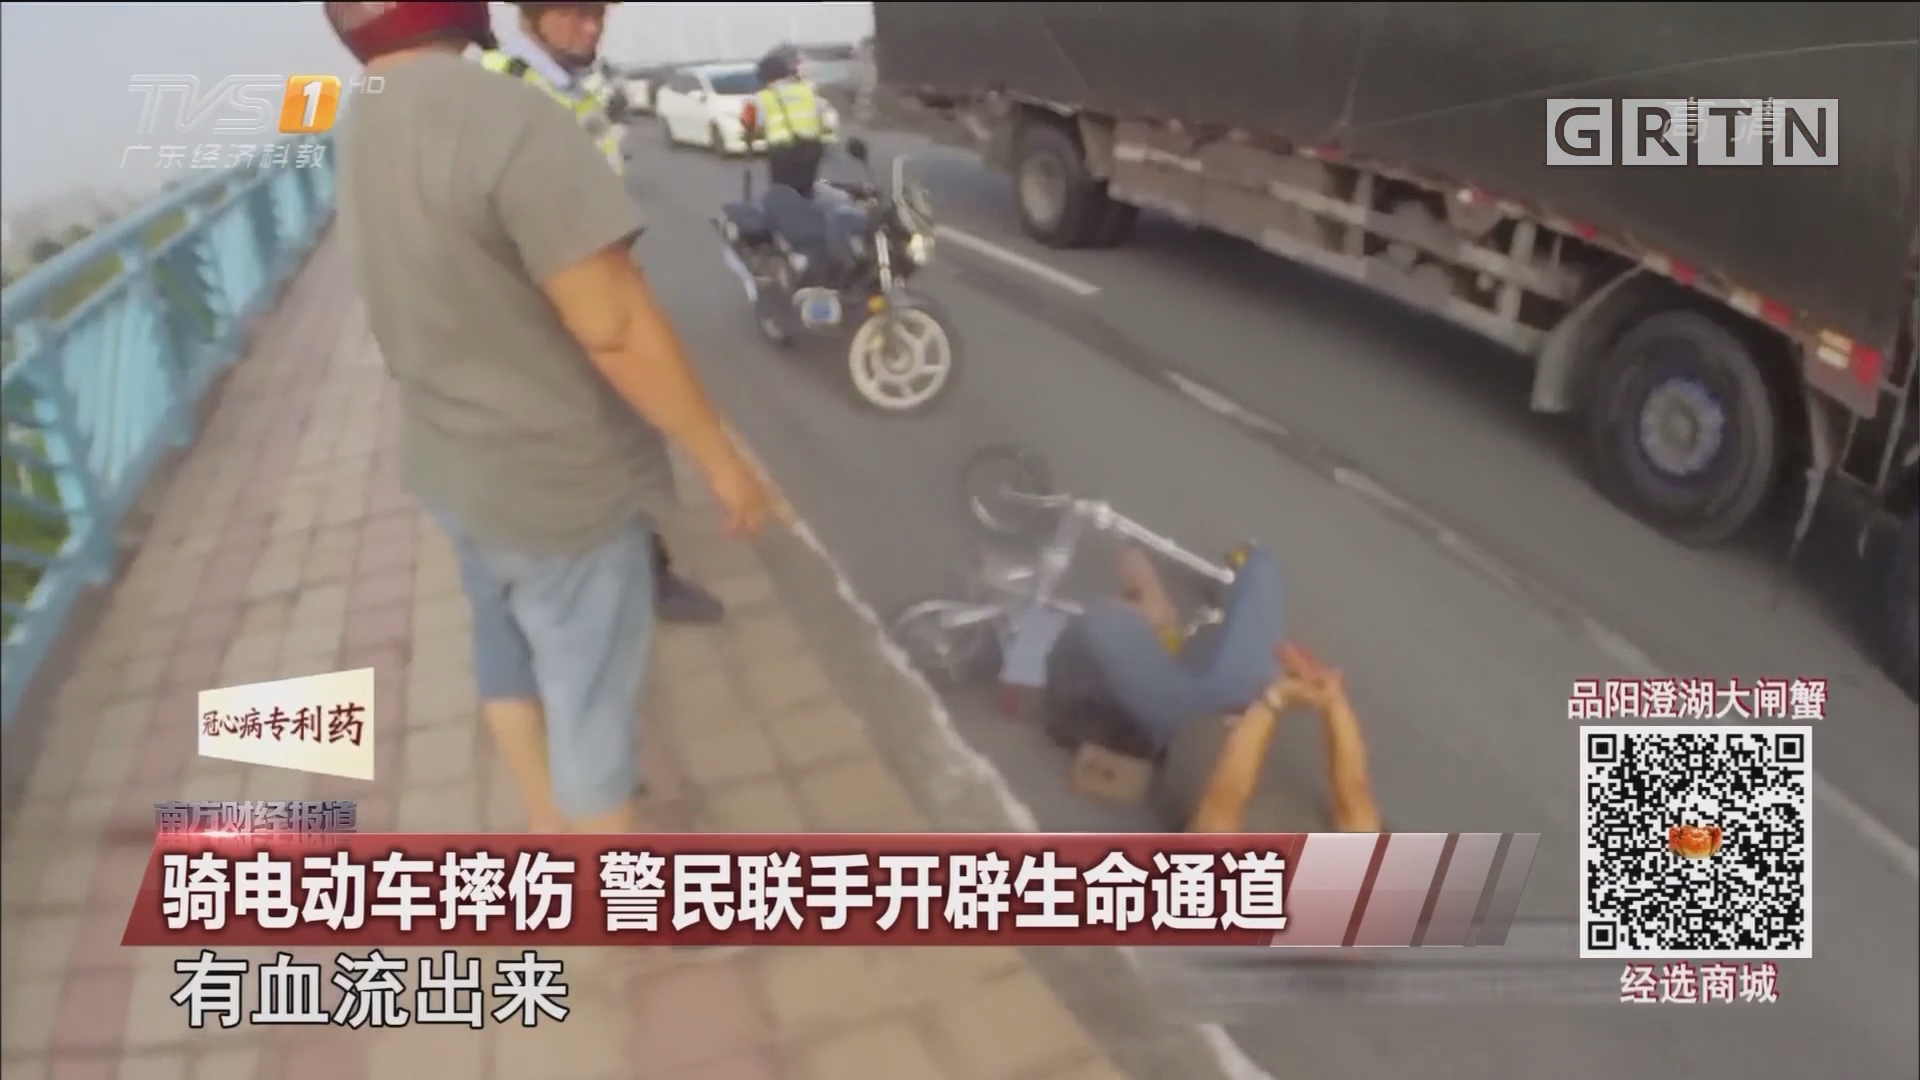 骑电动车摔伤 警民联手开辟生命通道